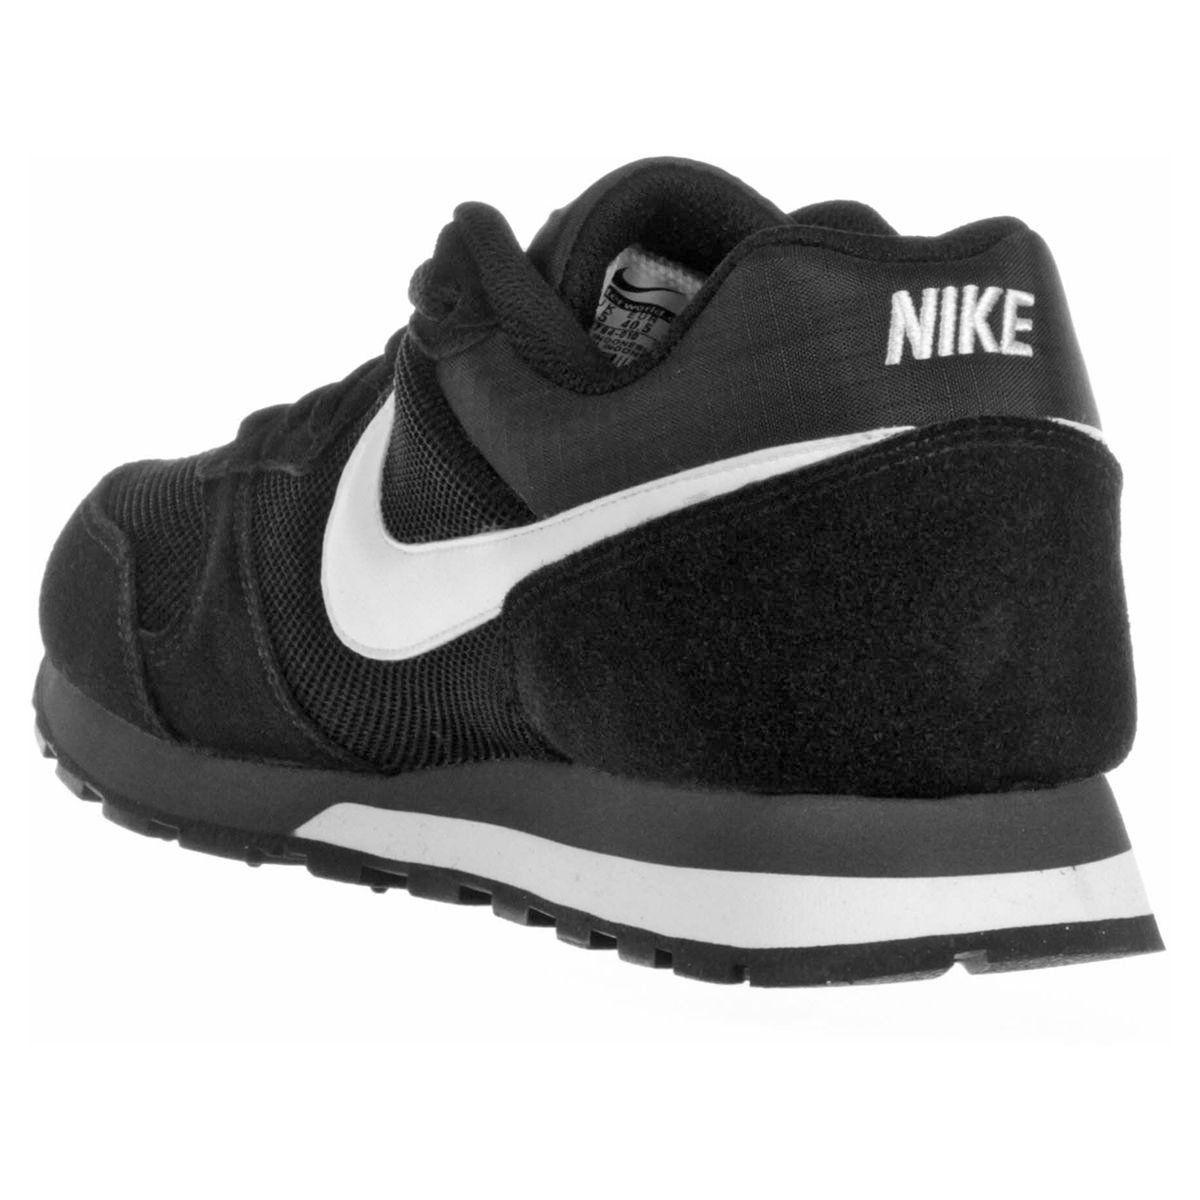 Tenis Caminhada Masculino Nike Md Runner 2